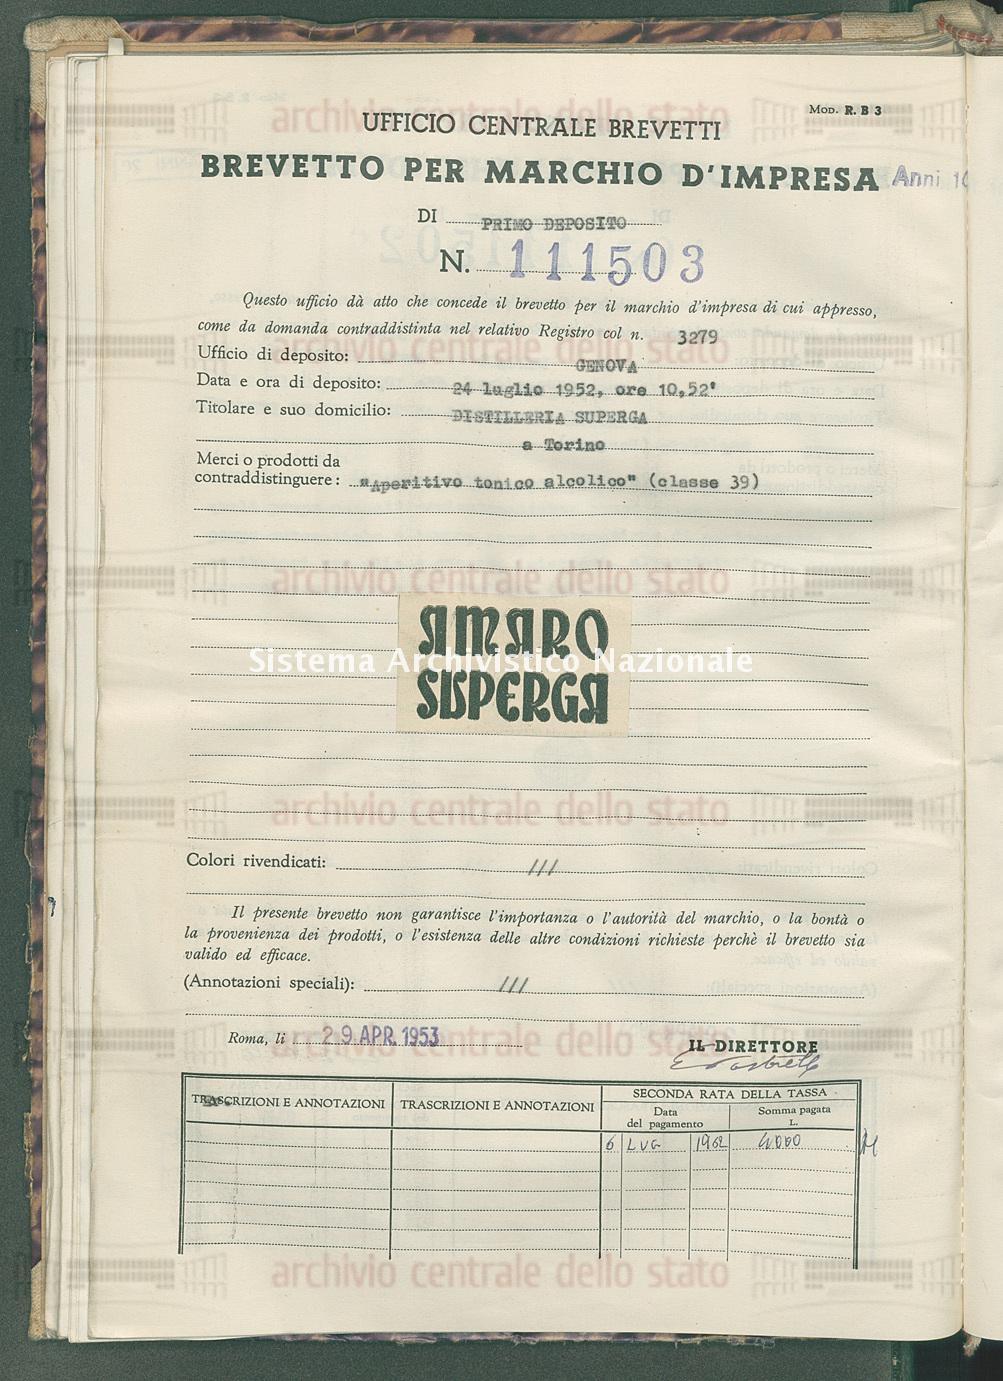 'Aperitivo tonico alcolico' Distilleria Superga (29/04/1953)